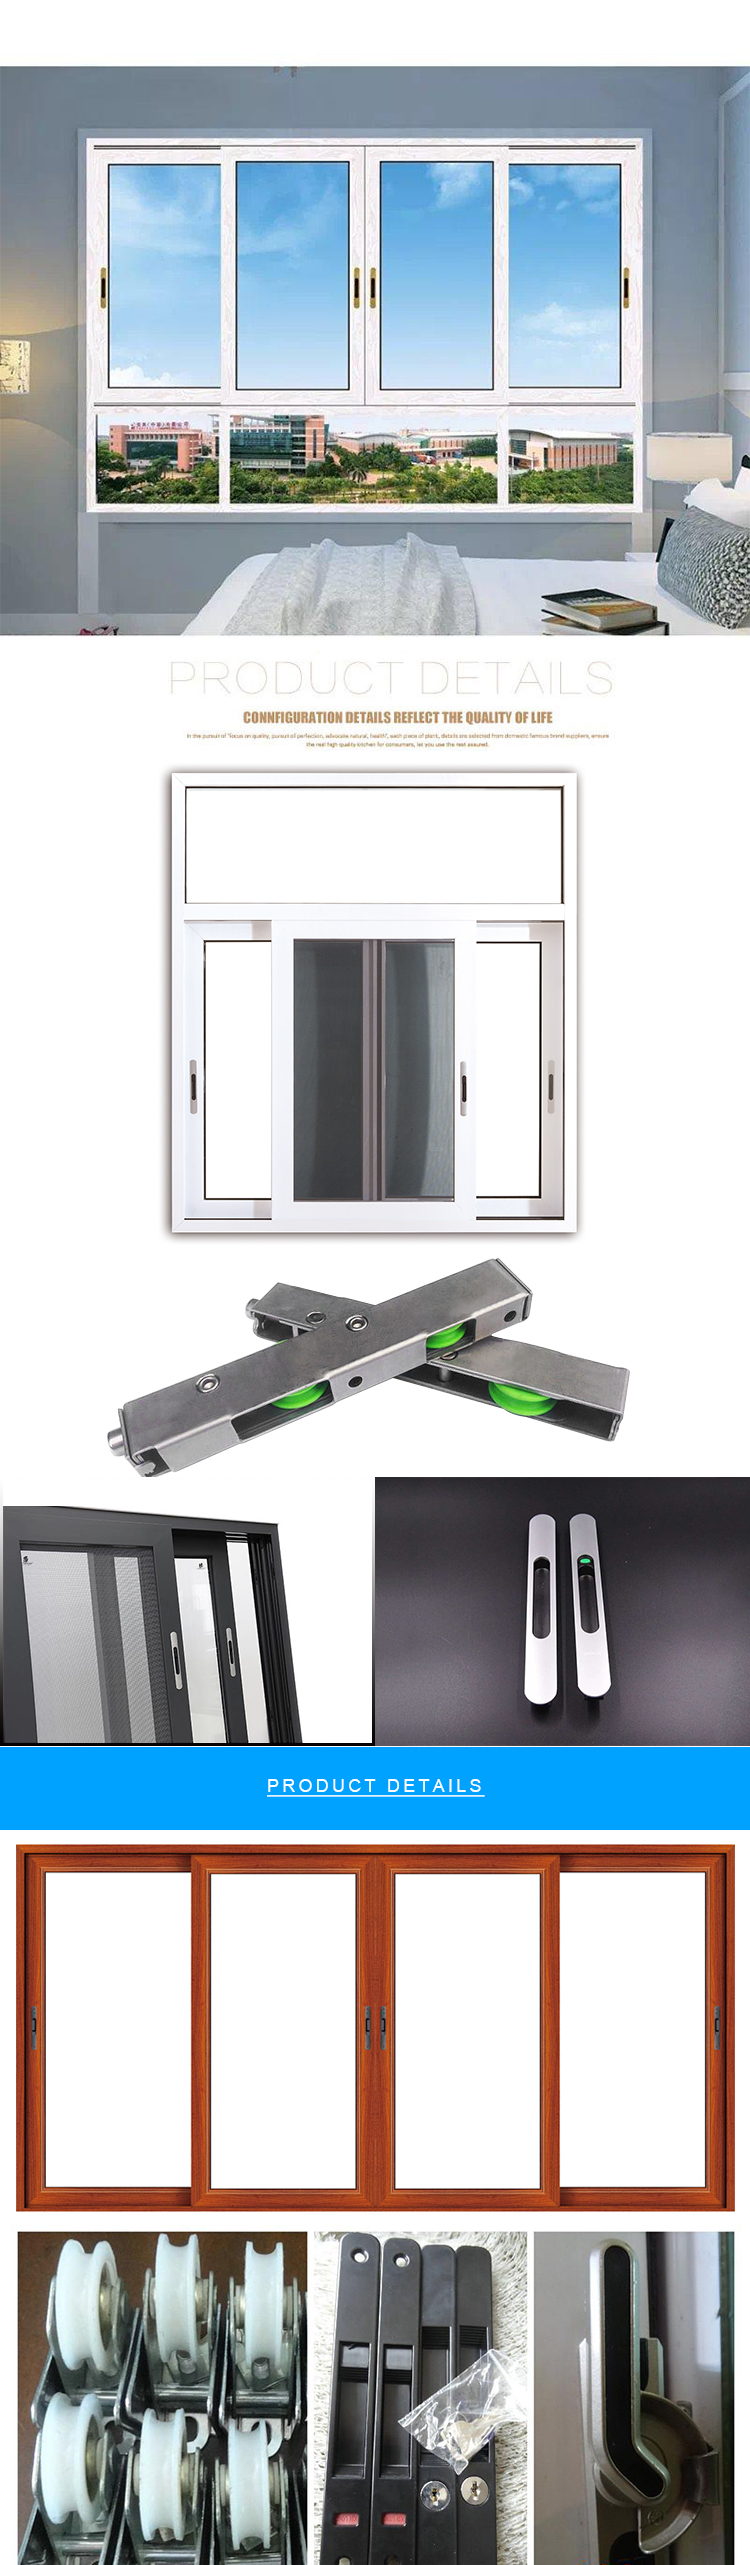 การออกแบบกรอบเชิงพาณิชย์ Window ตัวอย่างสไตล์ใหม่อลูมิเนียมเลื่อน Windows